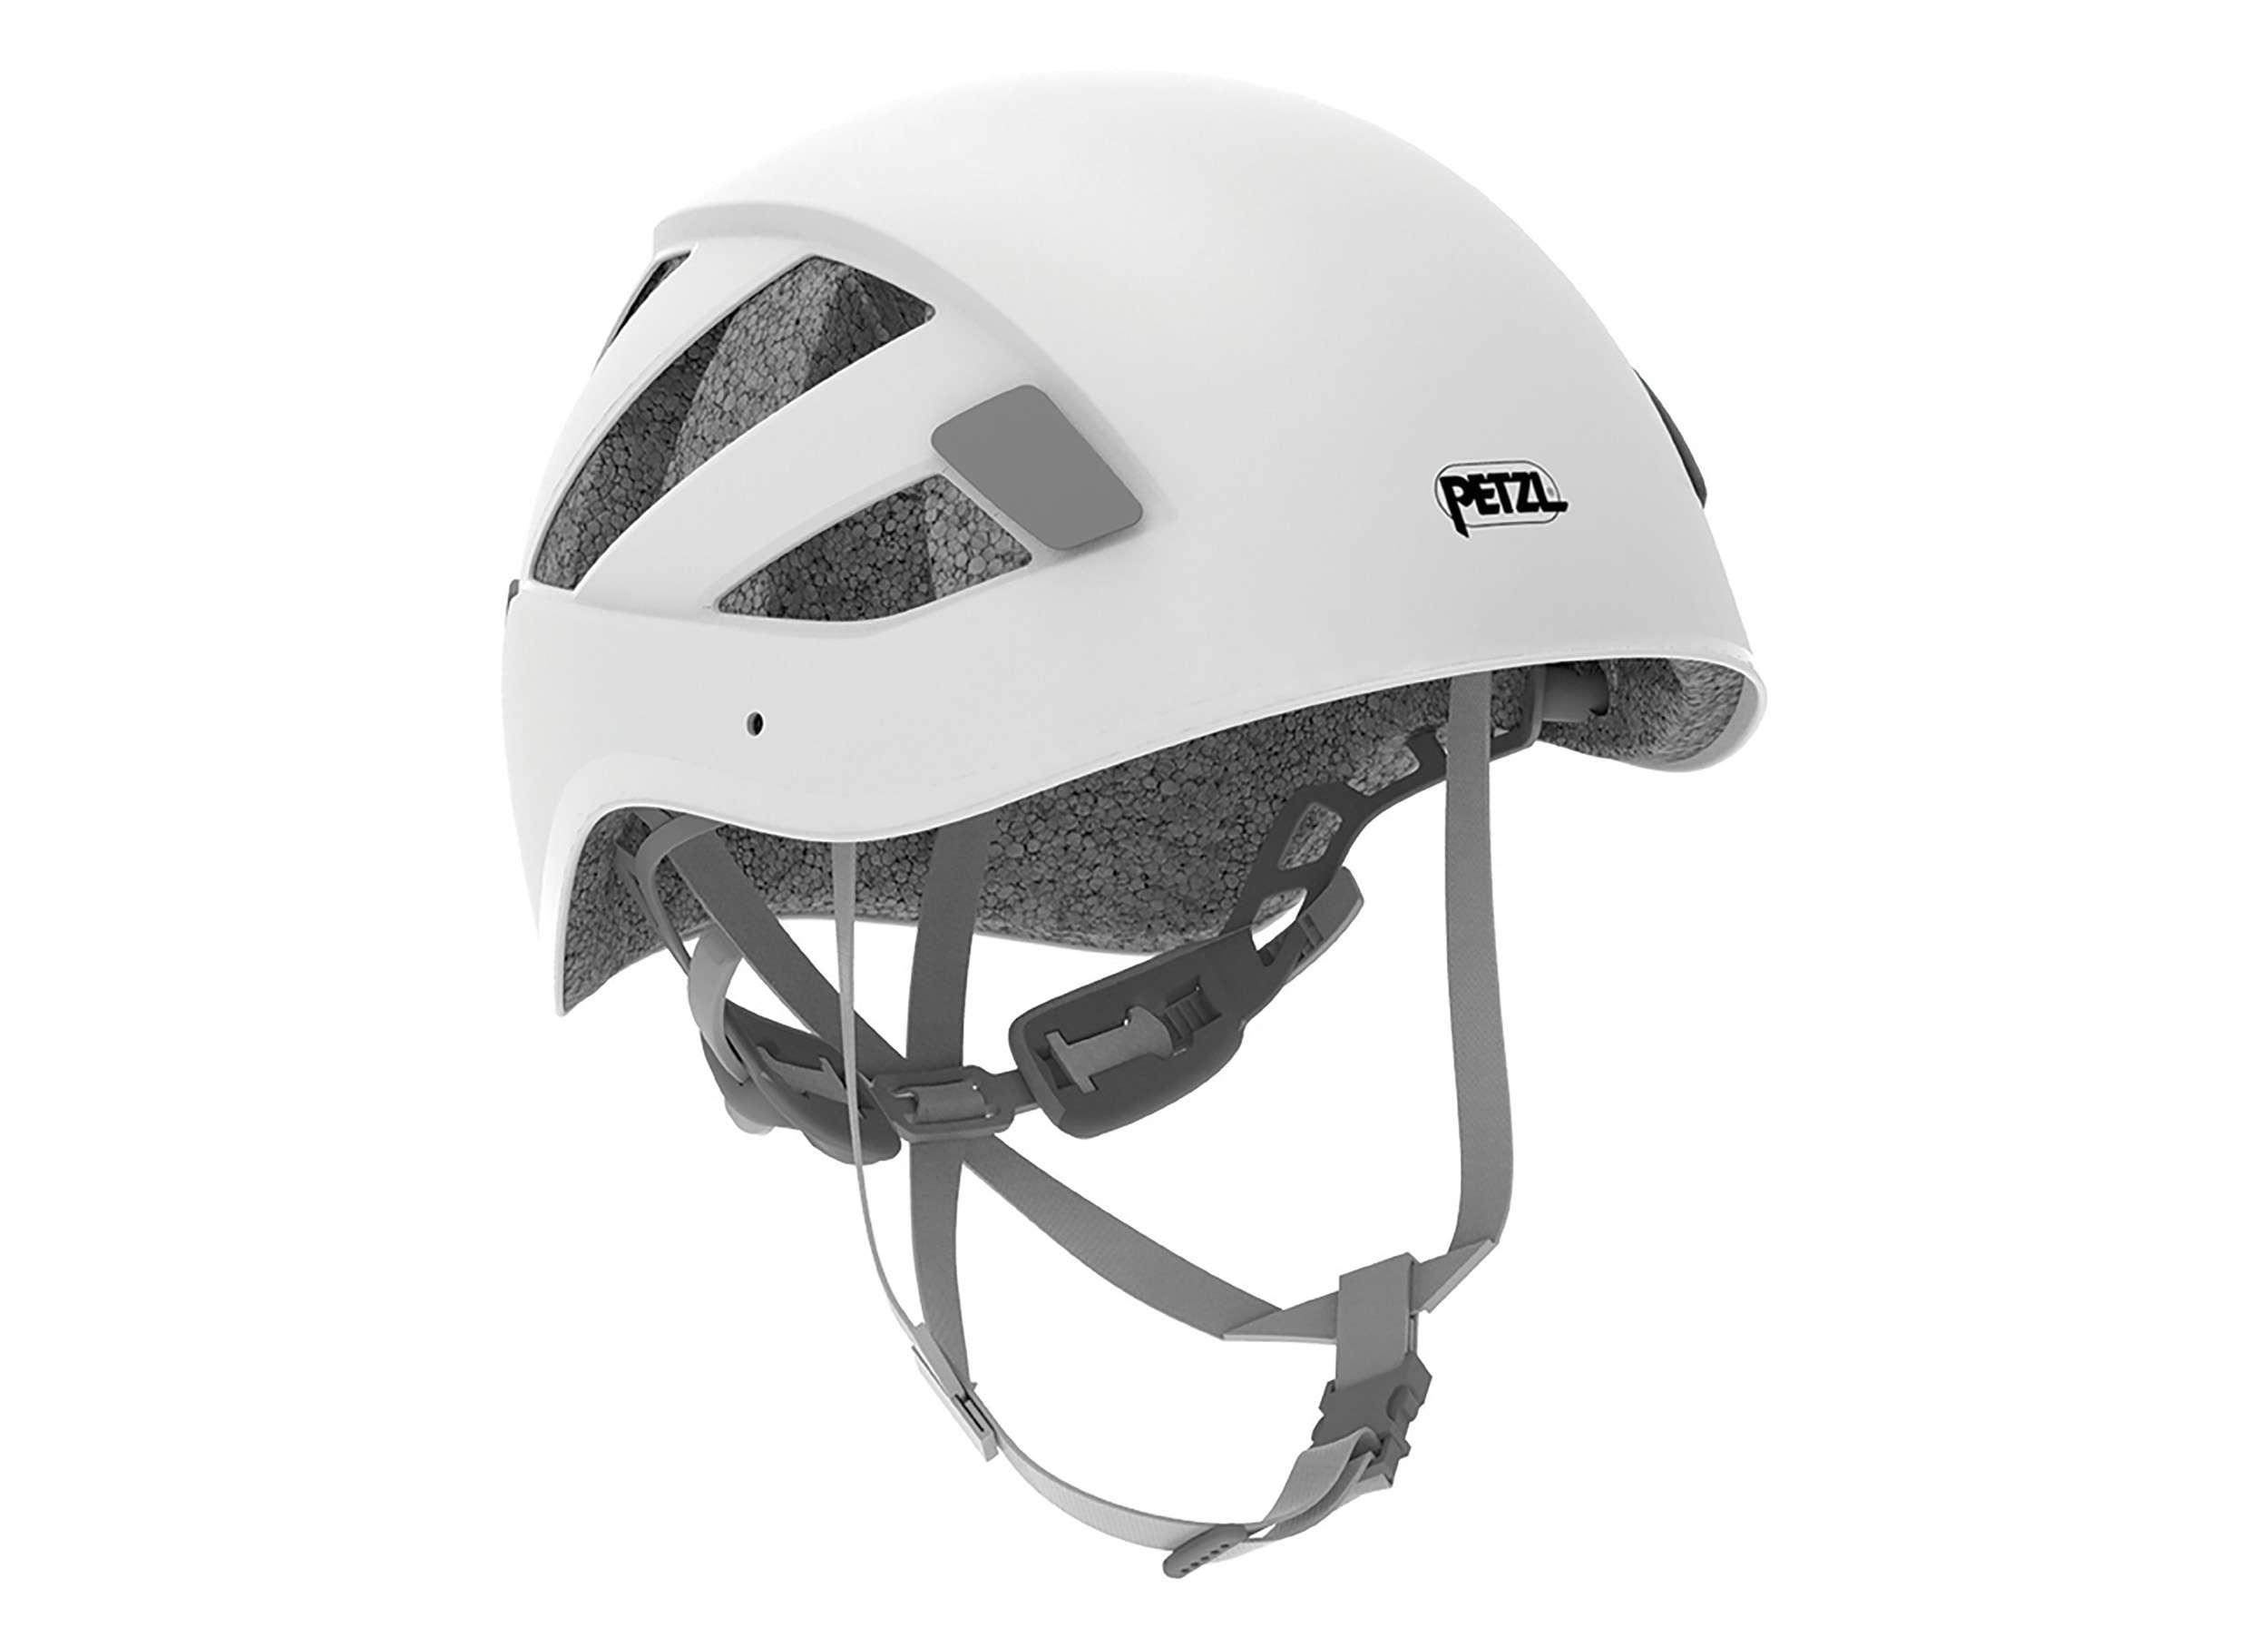 Petzl Corax Klettergurt Test : Petzl boreo kletterhelme helme sportklettern kletterladen nrw